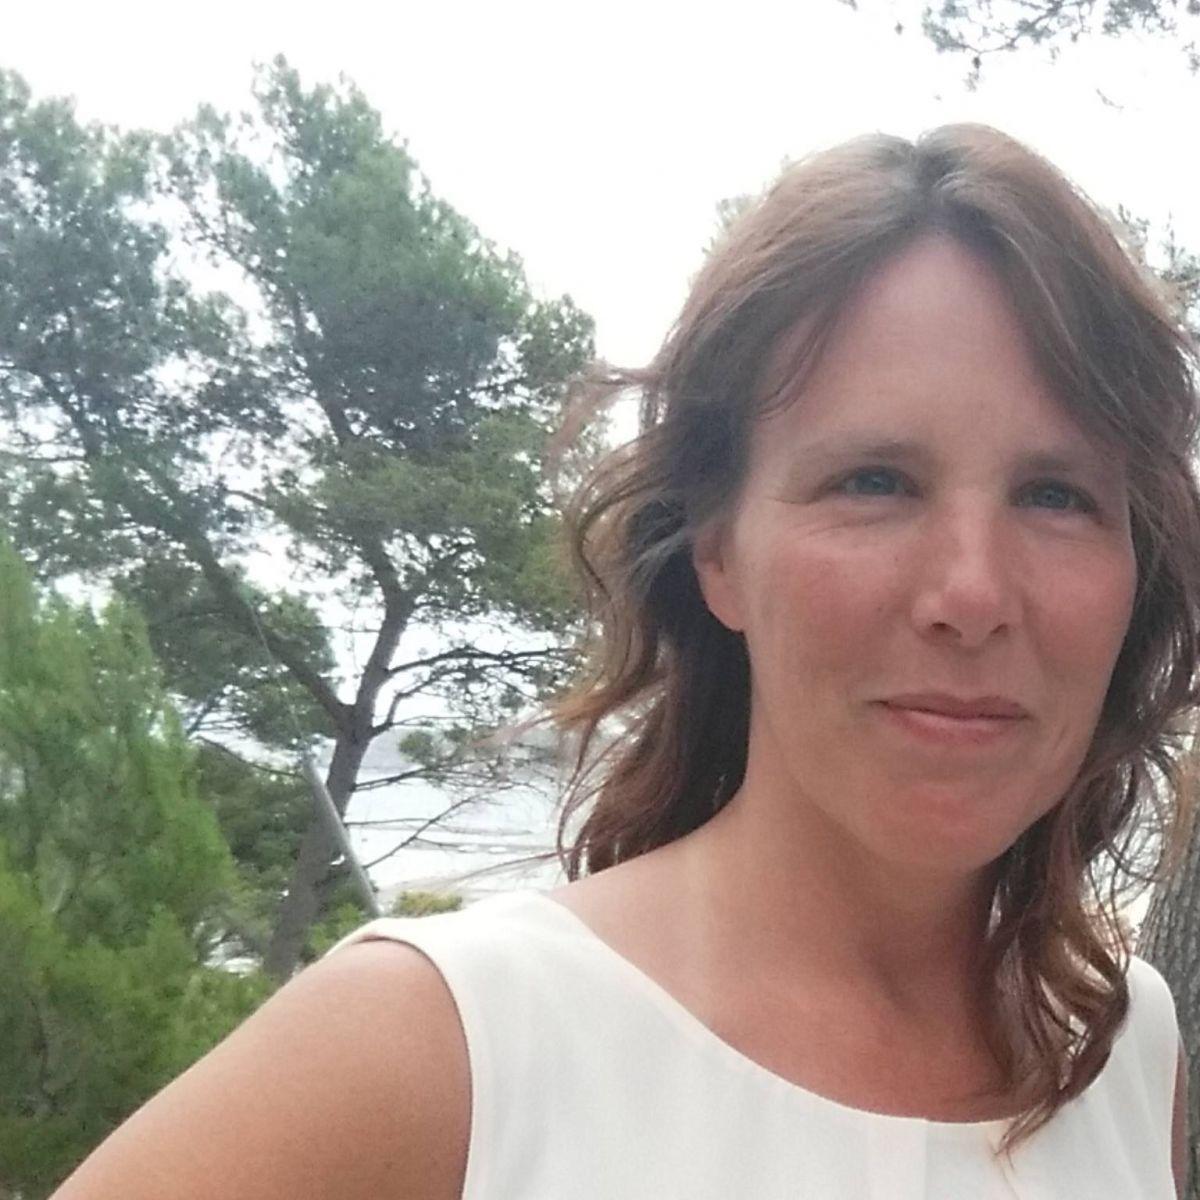 49 jarige Vrouw uit Burdinne (Luik) zoekt man voor Spannend contact, Vriendschap